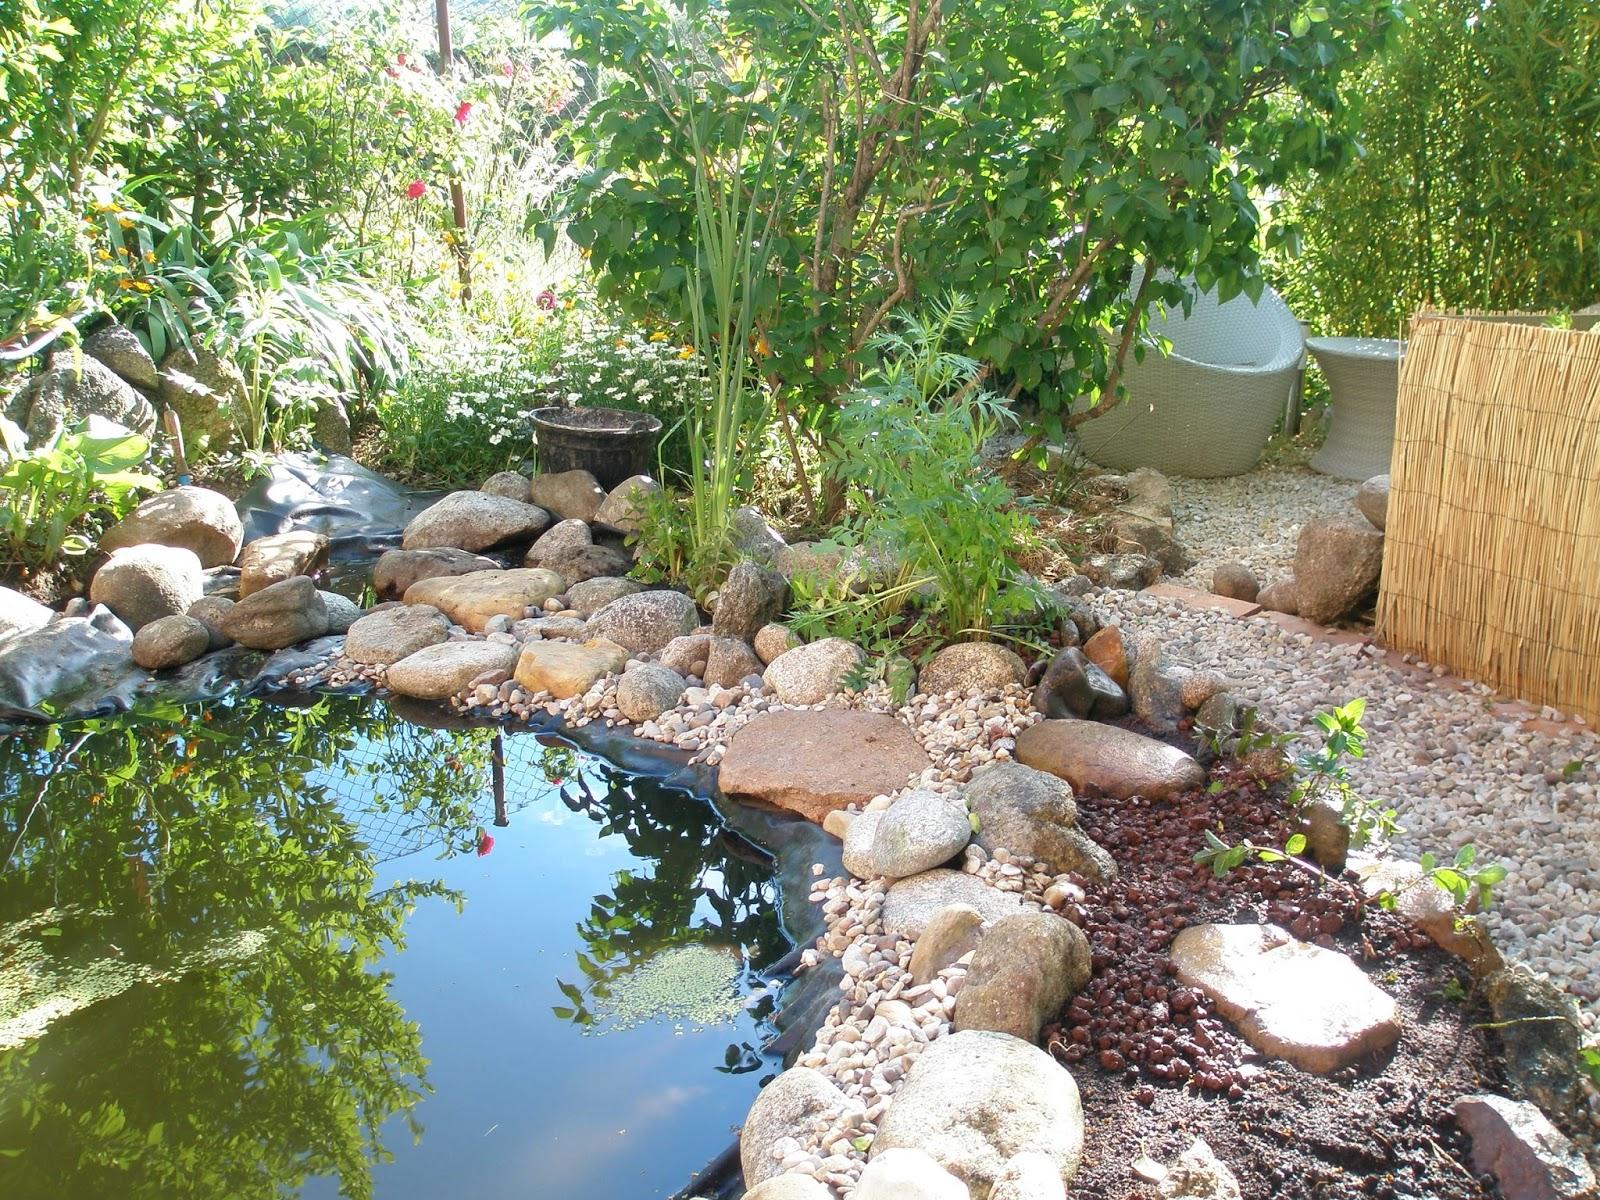 La br jula de los 8 calderos reforma del estanque 2 parte for Estanques para agua potable